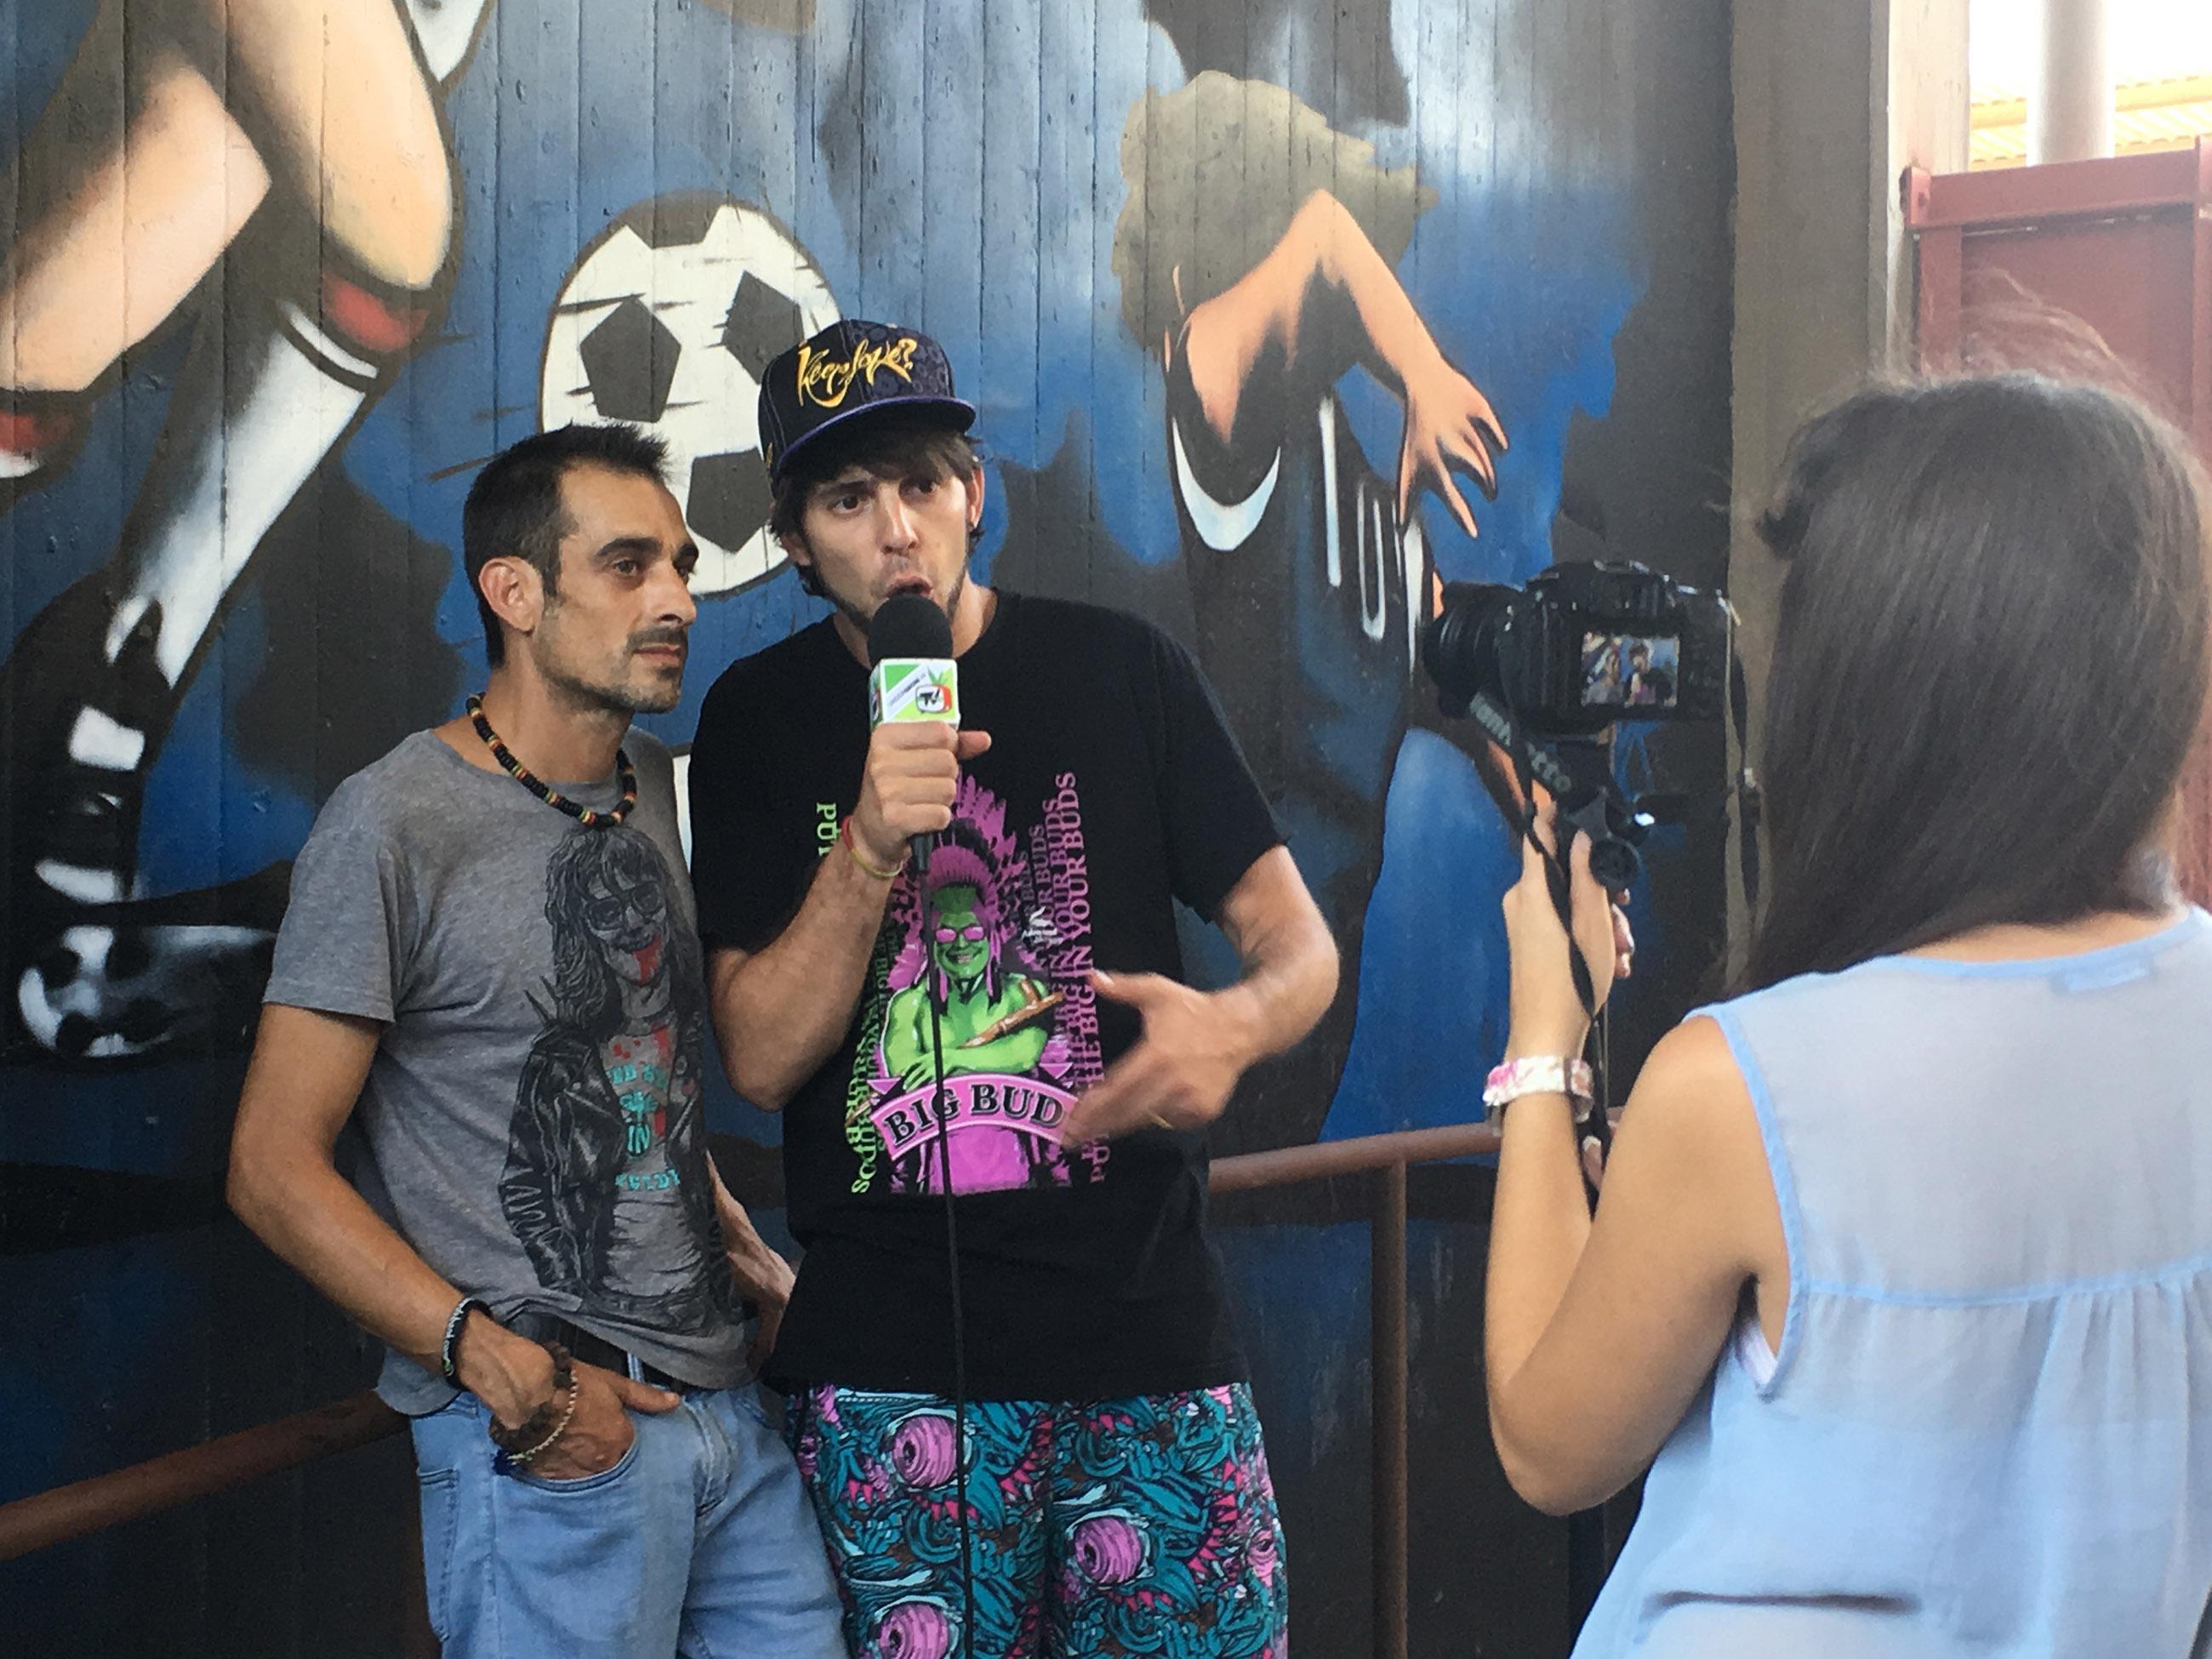 Een foto van een interview tussen de cannabisactivist Dany Ramos en de interviewer Maka, die een YouTube-kanaal over cannabis heeft. Beiden kijken naar een vrouw die een camera vasthoudt.